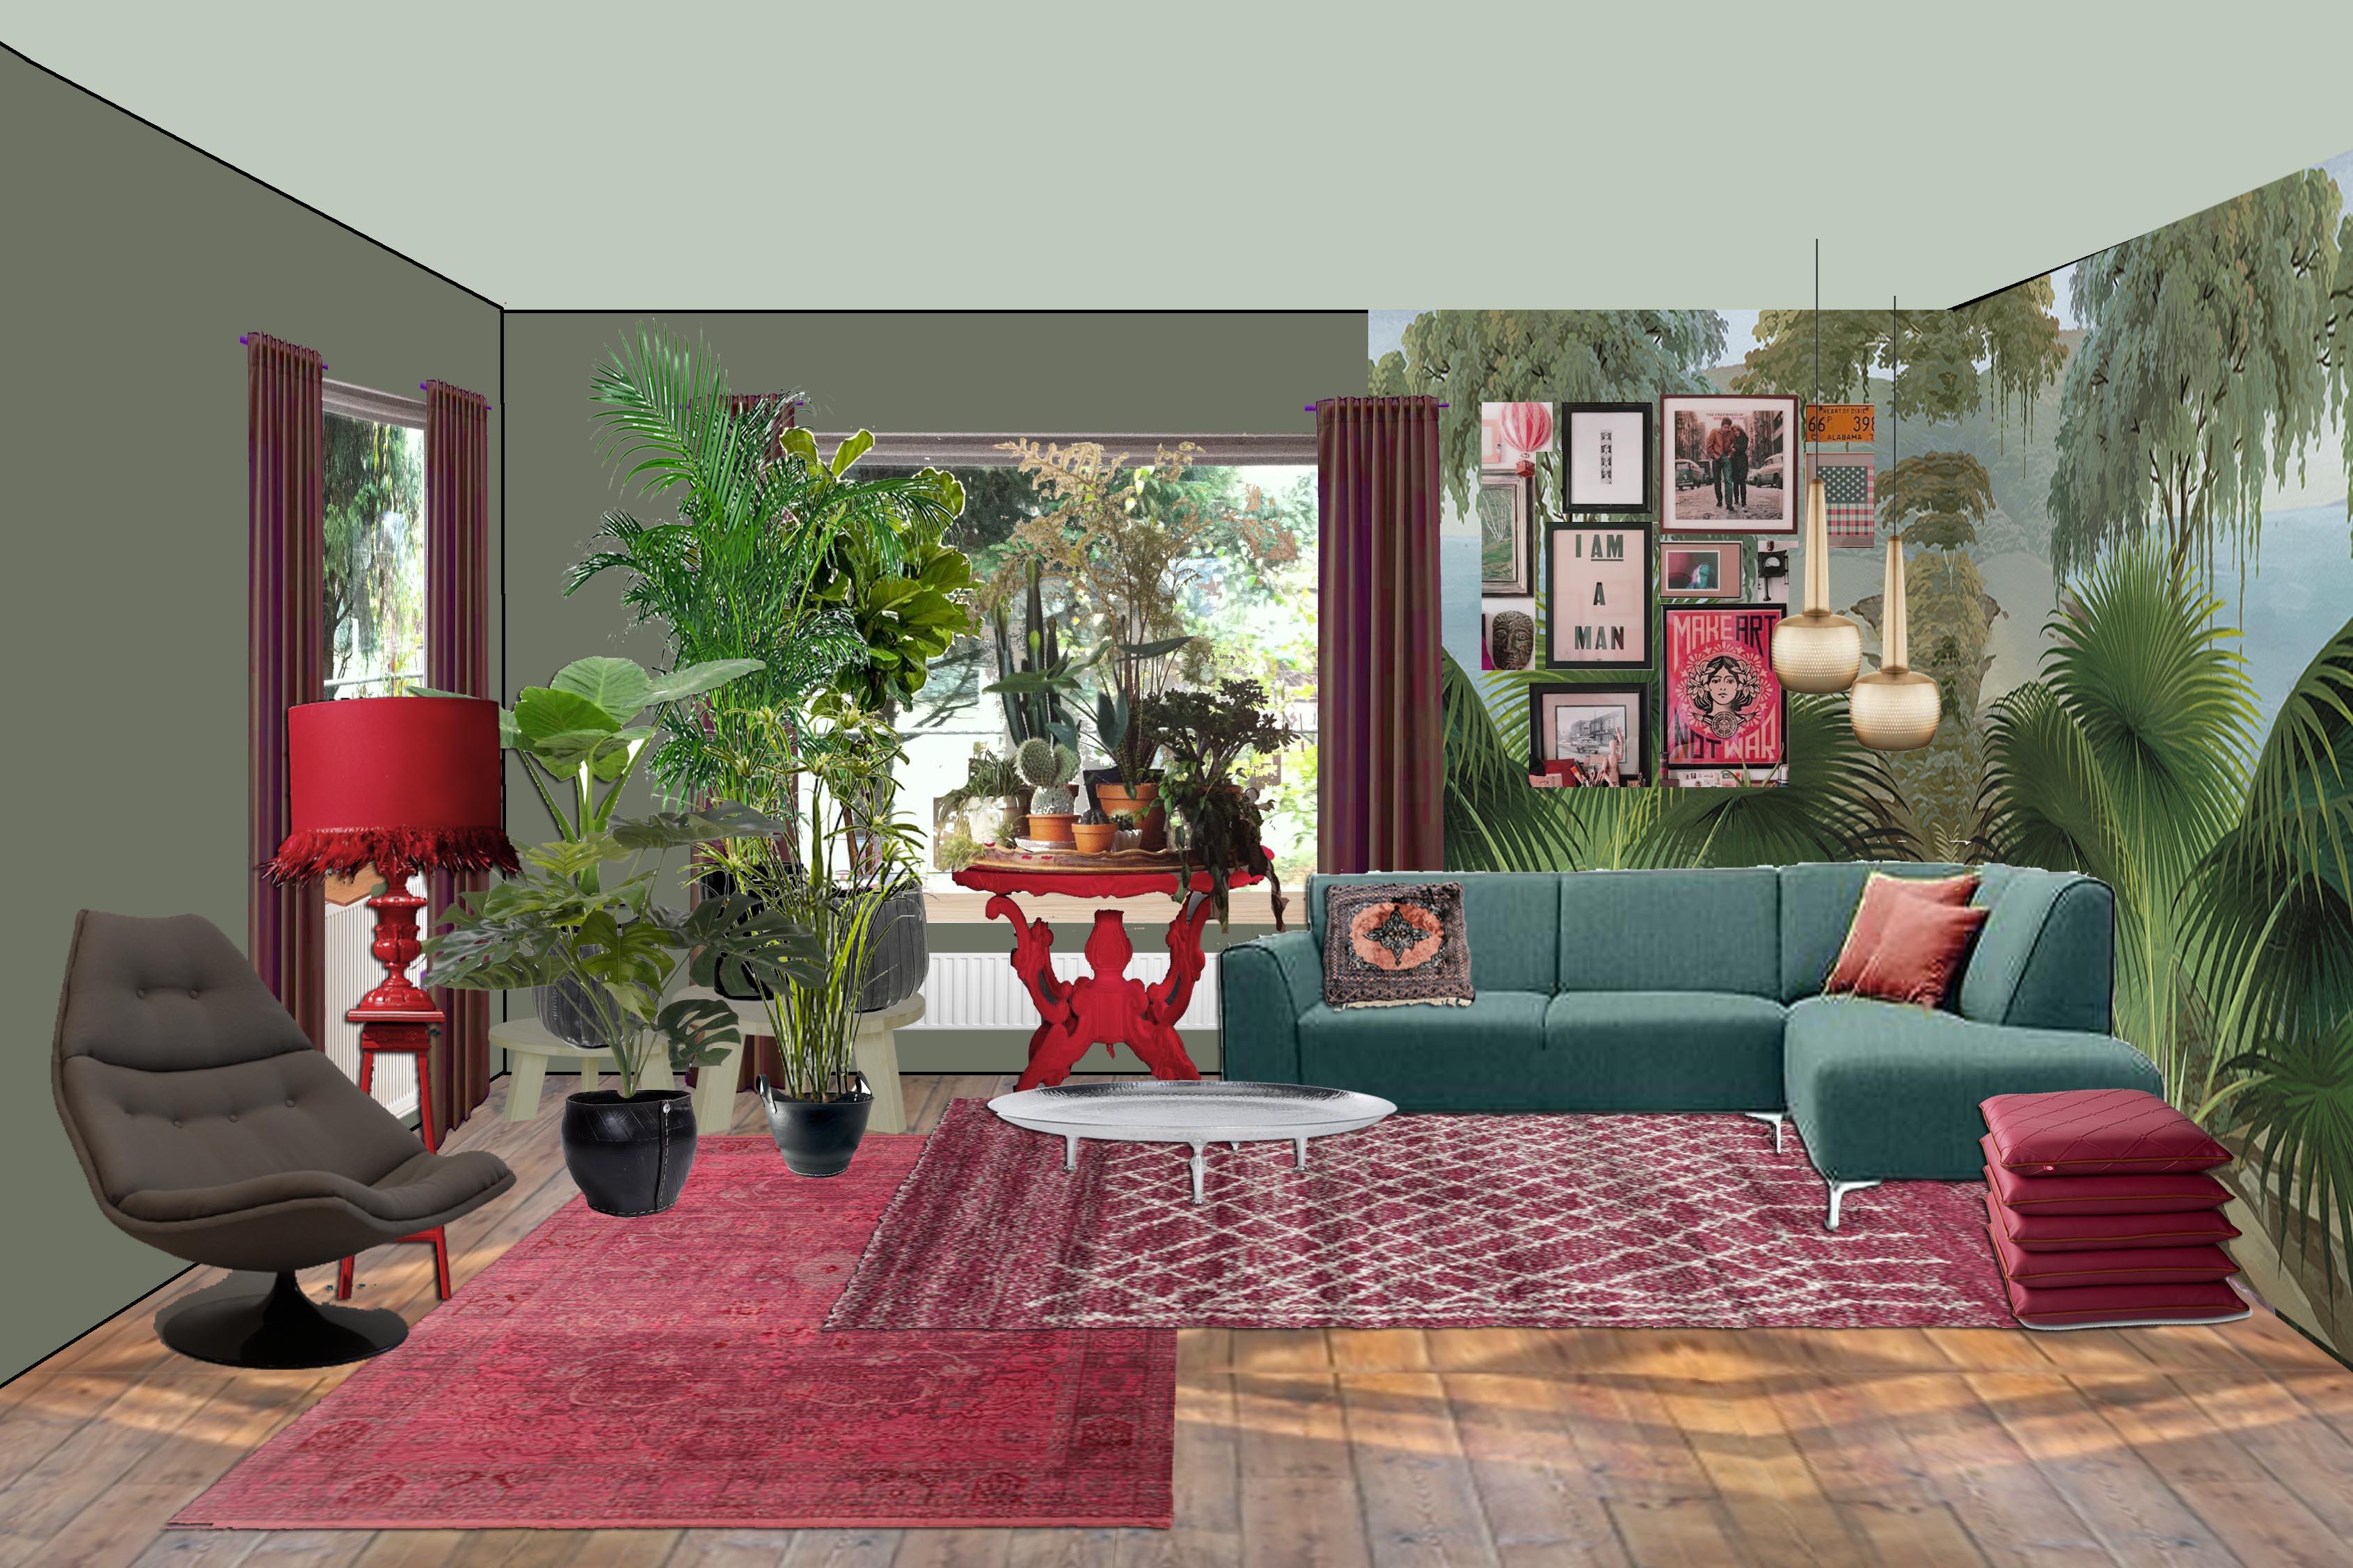 Groen In Woonkamer : Woonkamer ideeen groen olijfgroene muur woonkamer beautiful